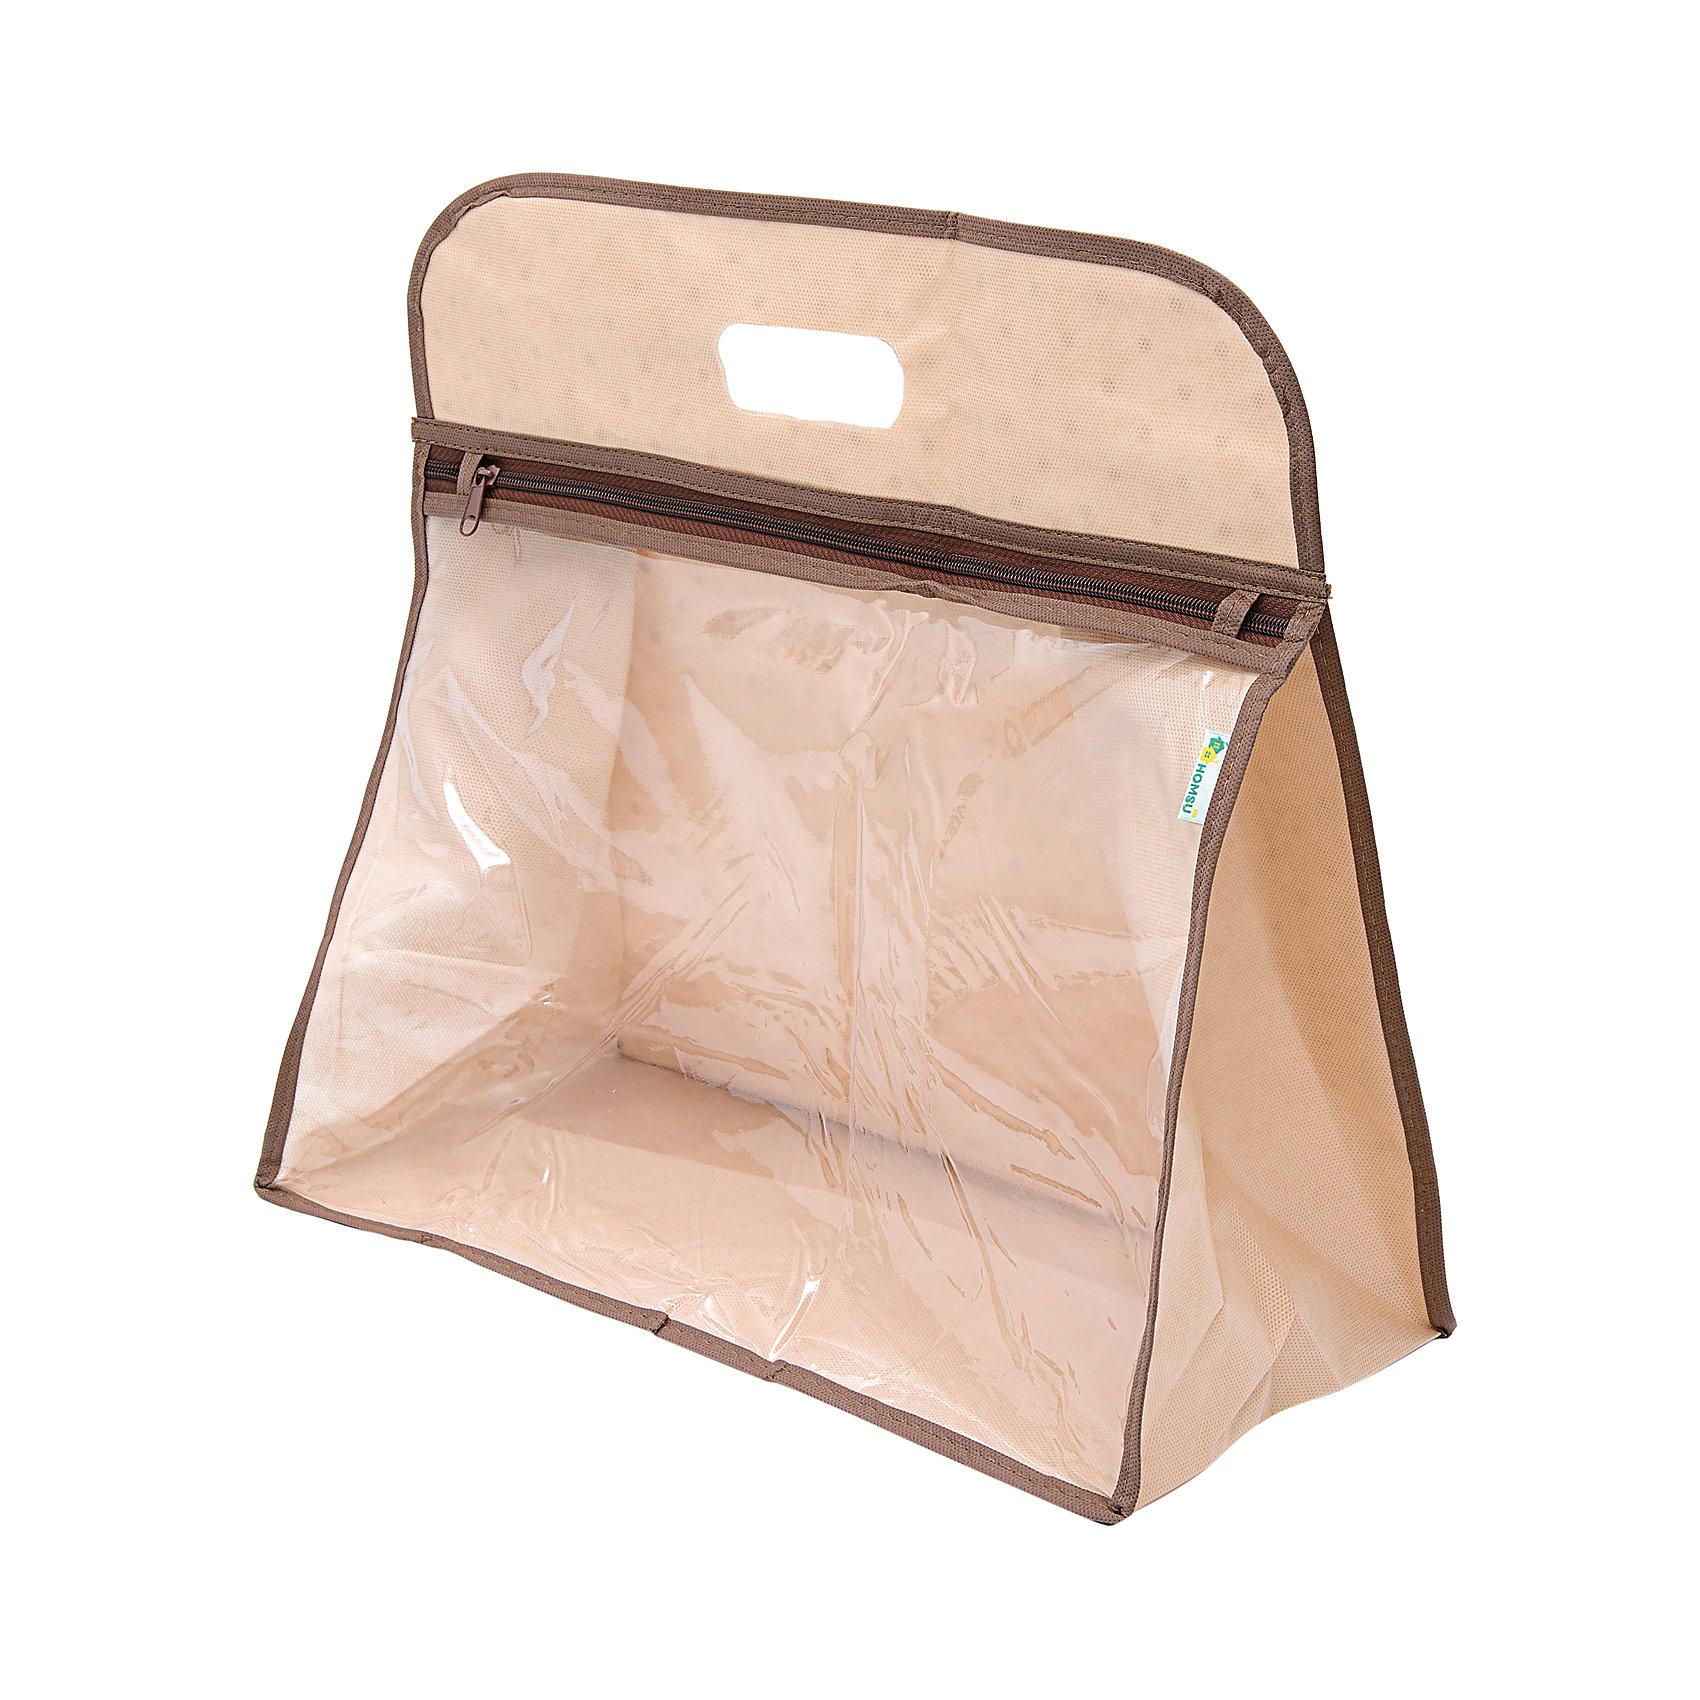 Чехол для сумки, HomsuПорядок в детской<br>Чехол для сумки застегивается на молнию, имеет прозрачное окно, благодаря которому, можно видеть содержимое. Такой чехол защитит сумку от пыли, влаги и повреждений и поможет продлить срок ее службы.<br><br>Ширина мм: 260<br>Глубина мм: 400<br>Высота мм: 10<br>Вес г: 200<br>Возраст от месяцев: 216<br>Возраст до месяцев: 1188<br>Пол: Унисекс<br>Возраст: Детский<br>SKU: 5620109